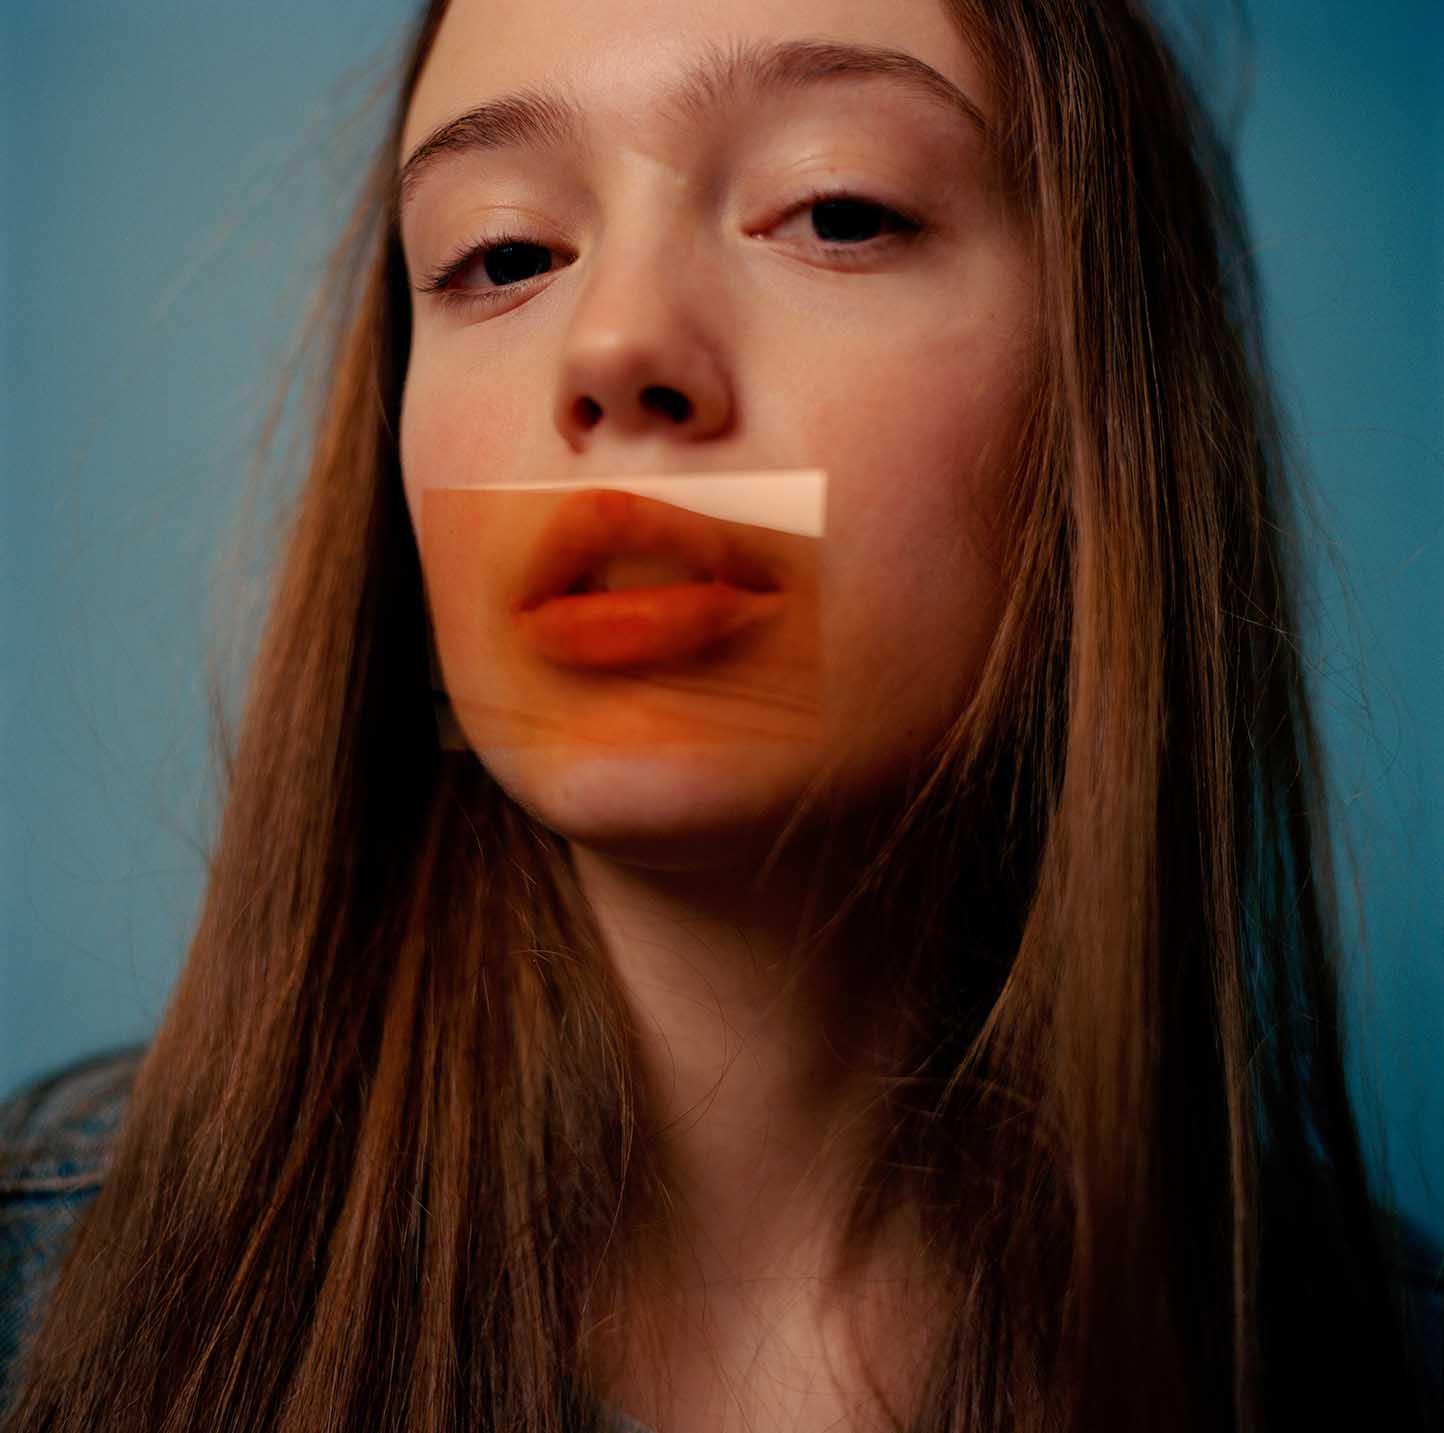 Malijn-Stephanie-Noritz-1500px.jpg